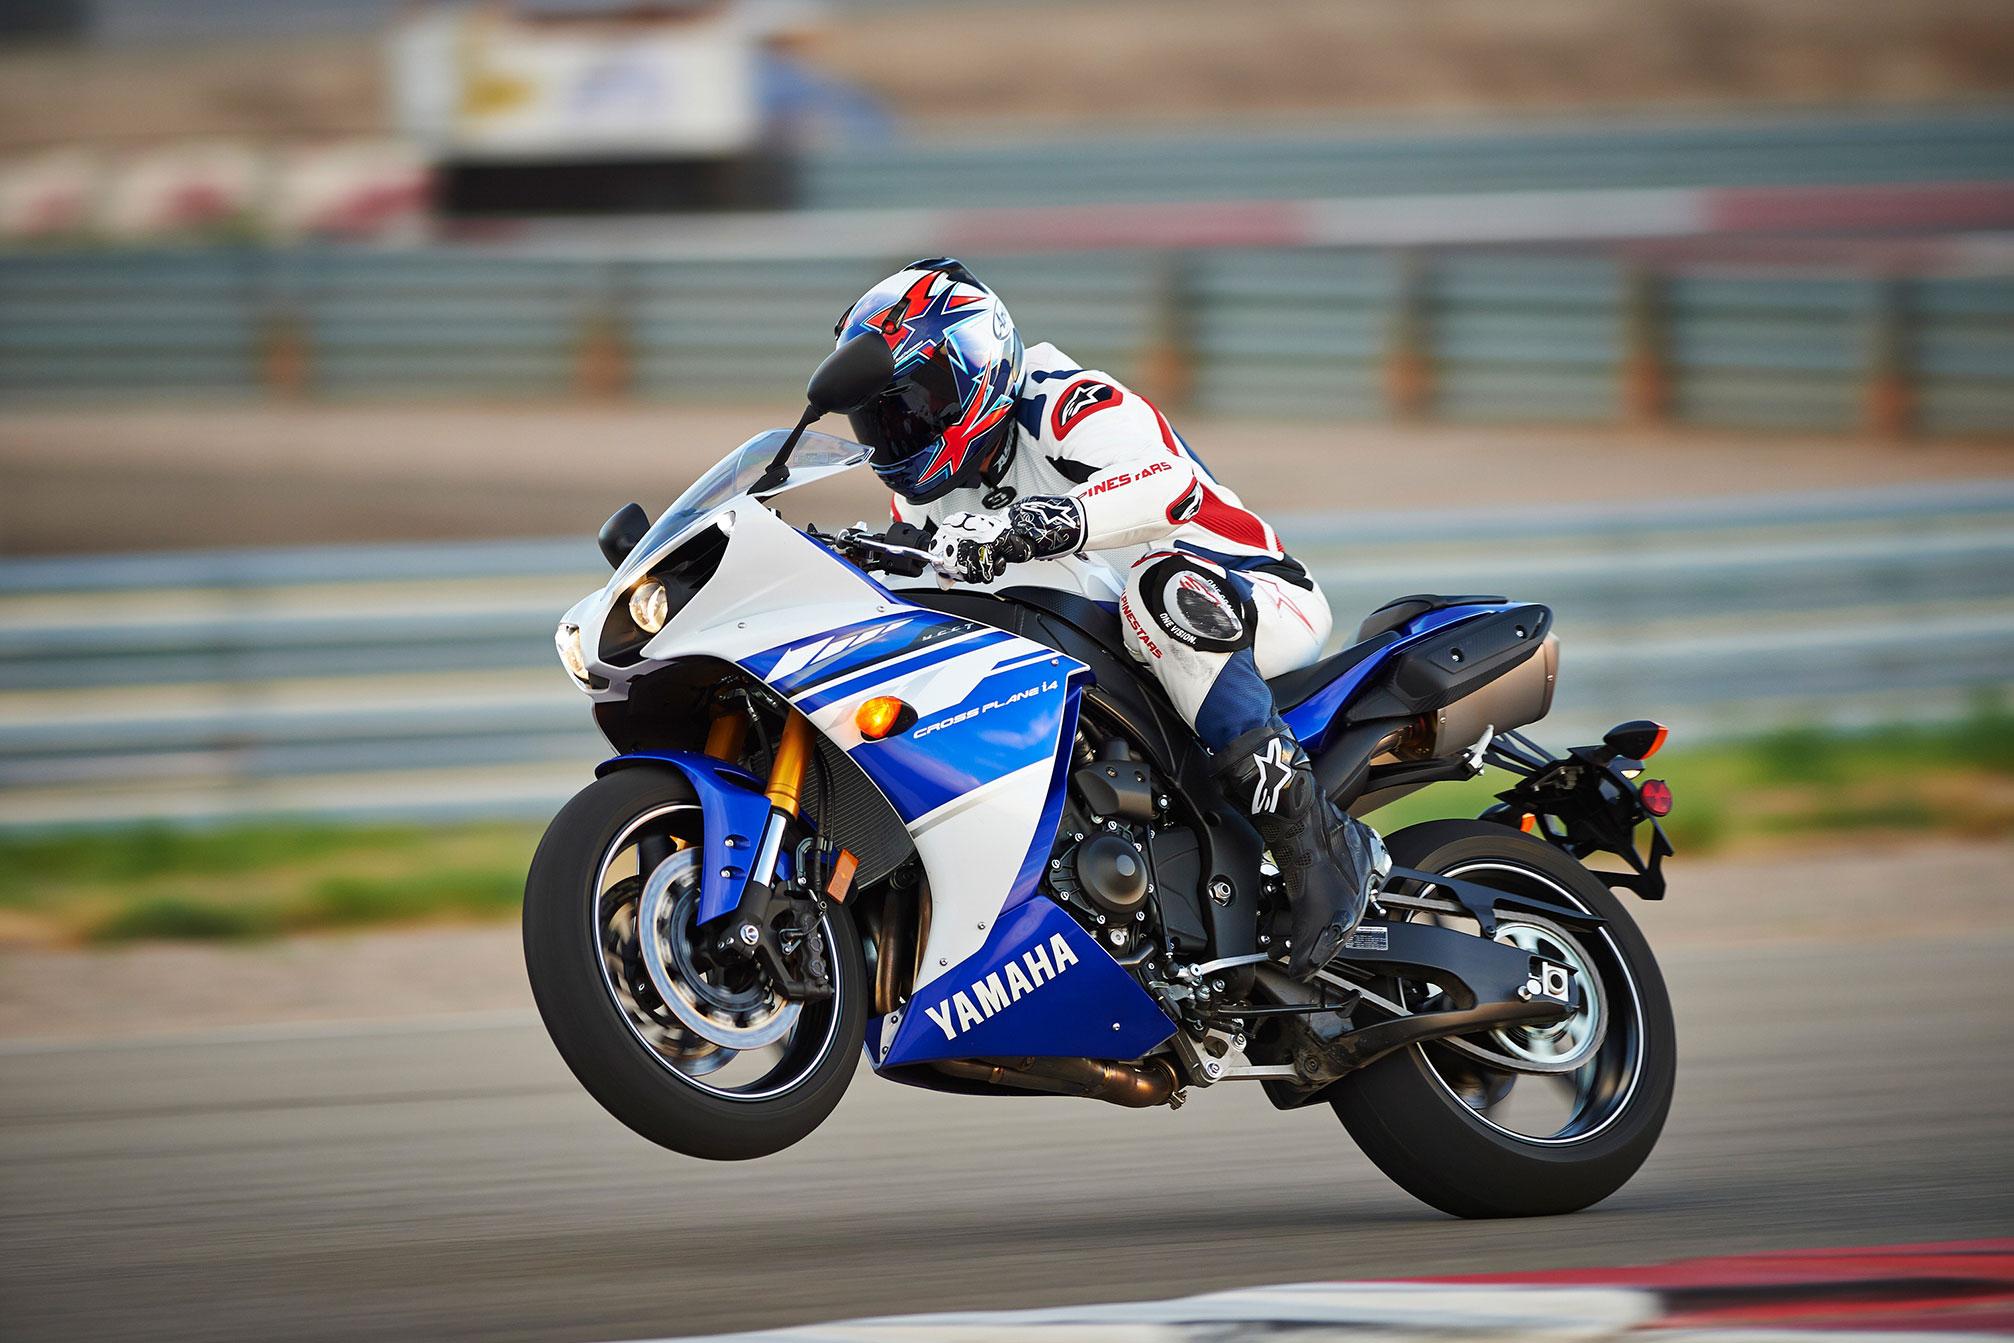 Yamaha YZF-R1 2014 - характеристики, отзывы, где купить, фото ...